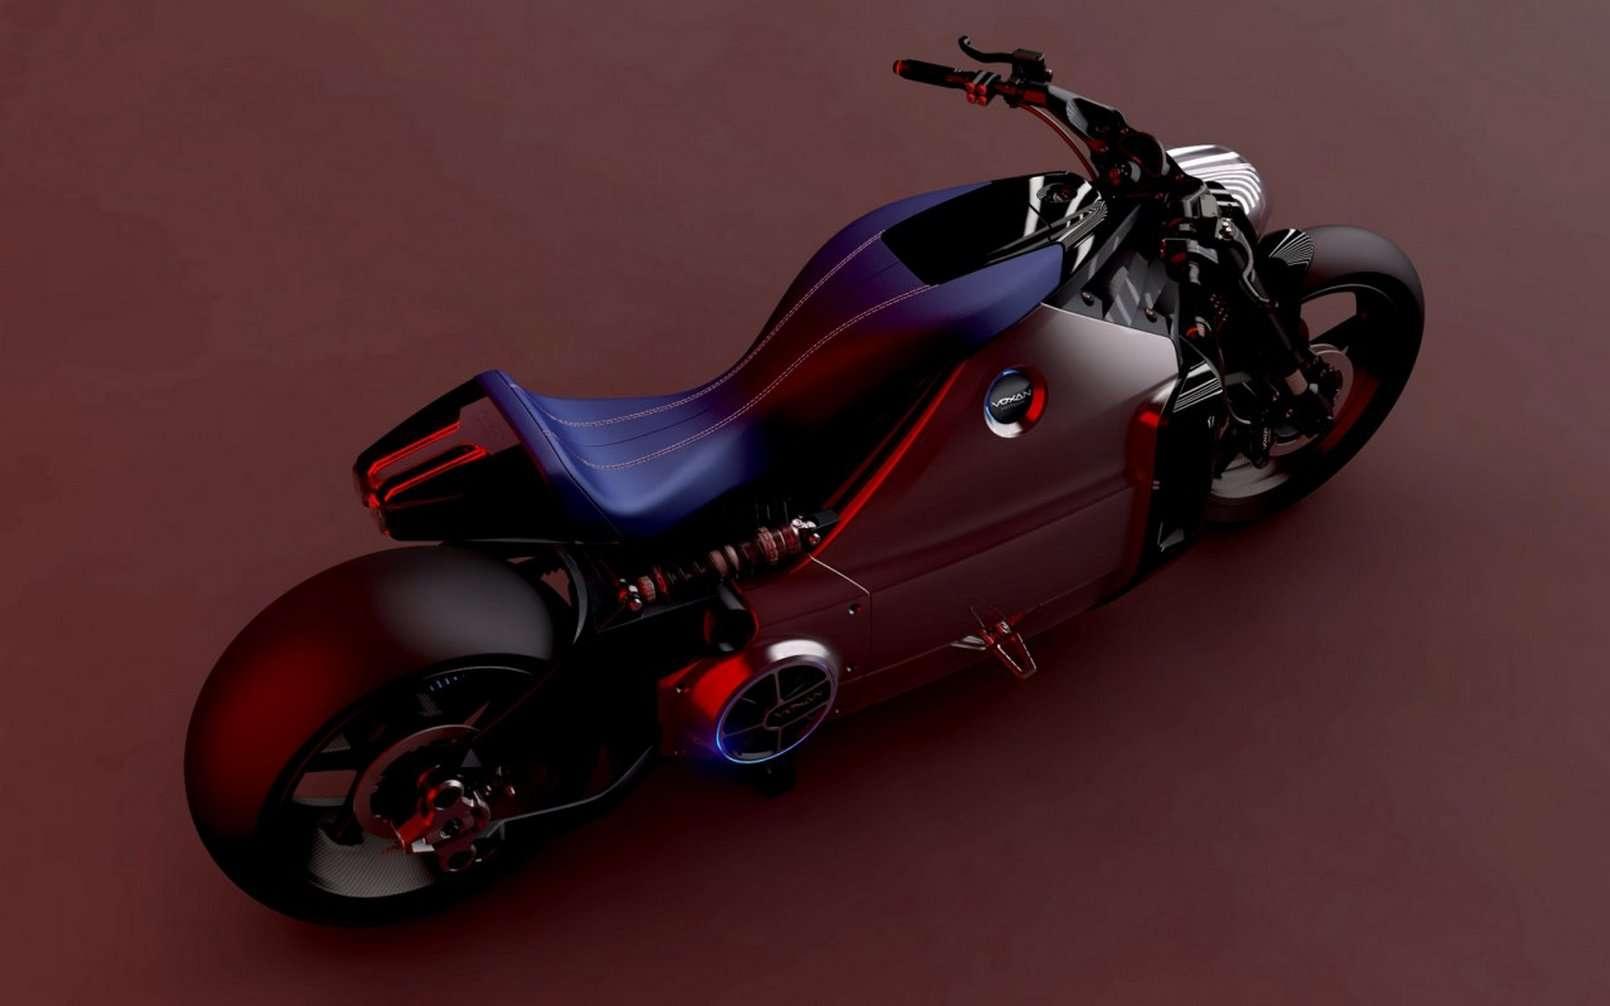 La Vaxan Wattman qui servira de base à la création du prototype et qui s'attaquera au record du monde de vitesse. © Venturi